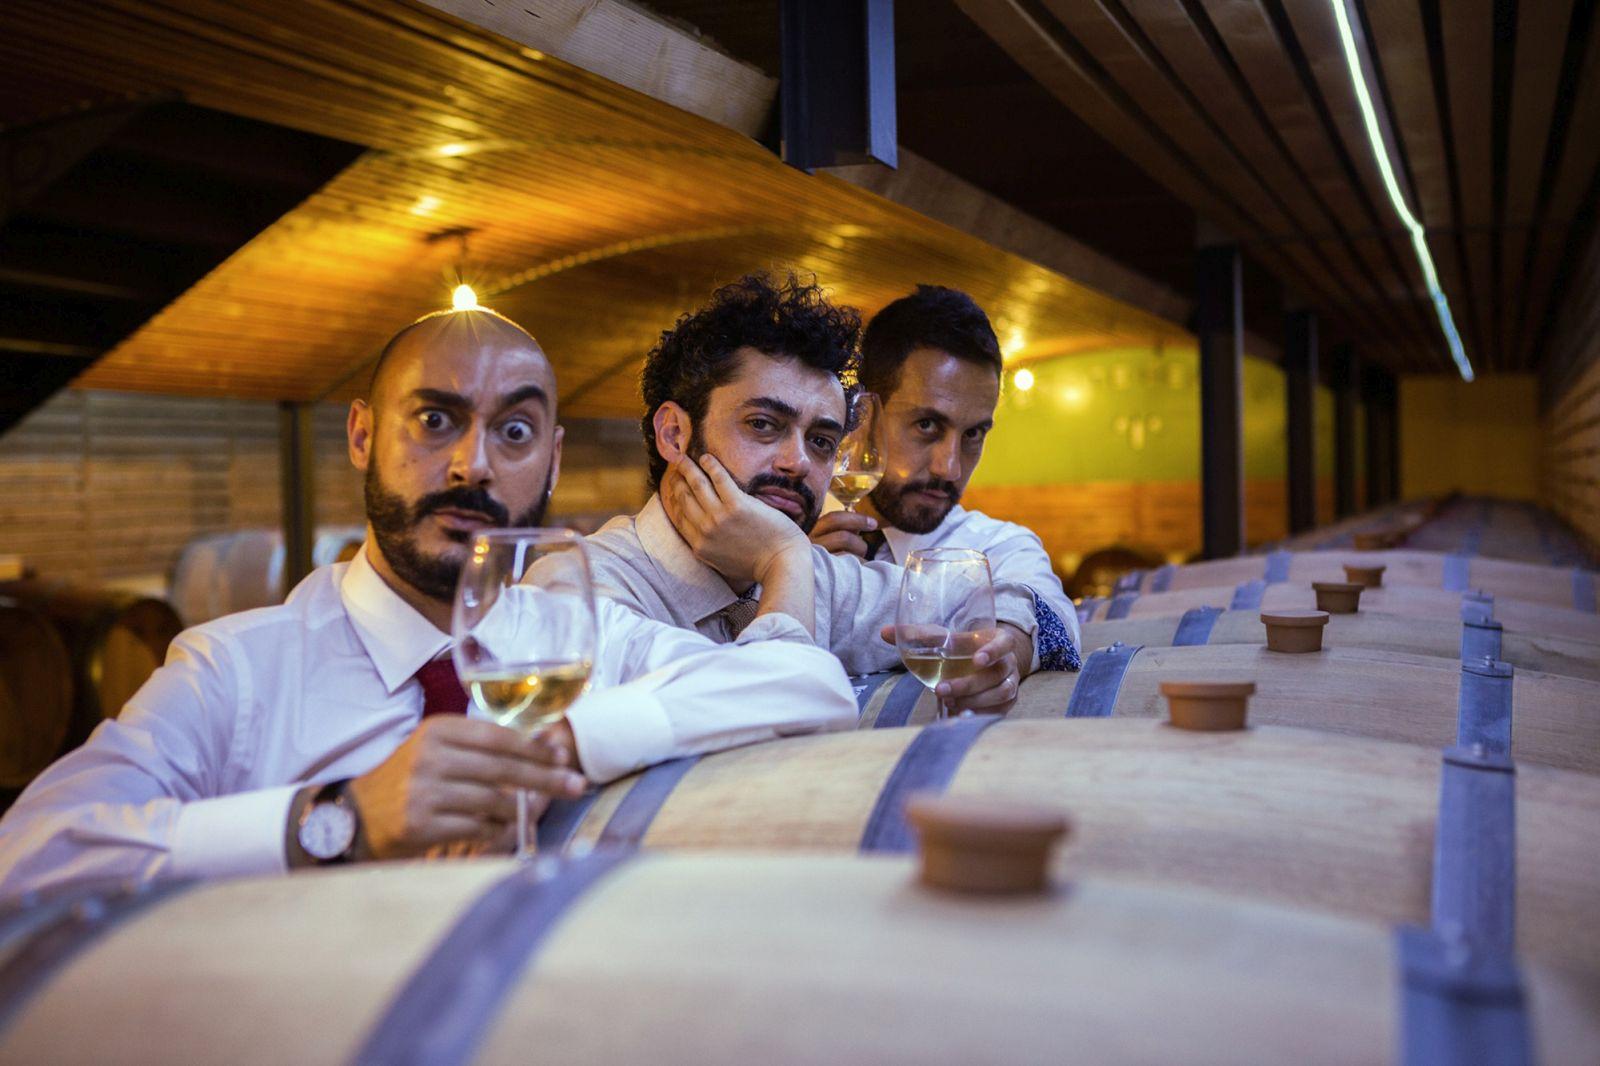 Bianco di Babbudoiu: Stefano Manca, Roberto Fara e Michele Manca insieme in un'immagine promozionale del film